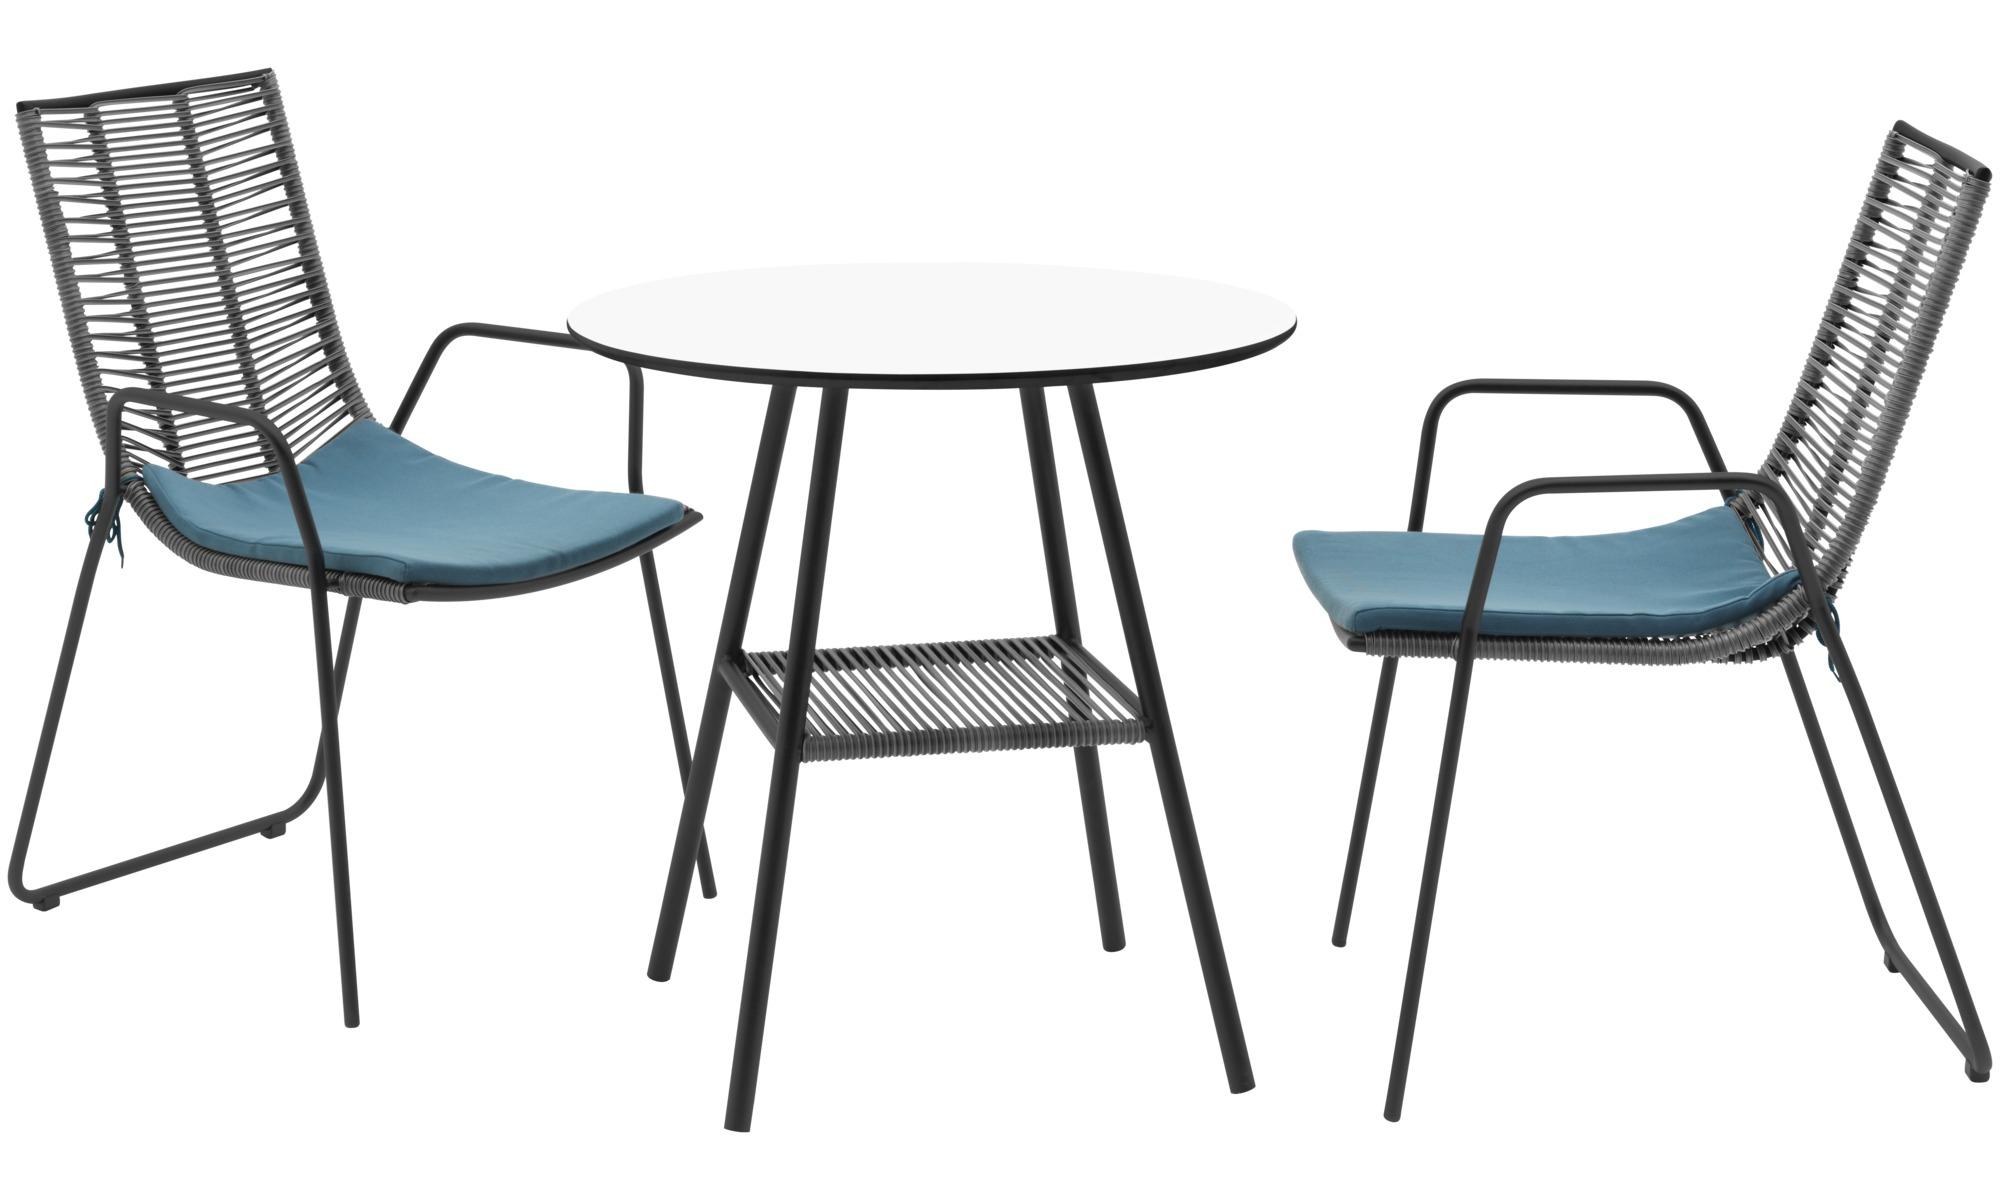 esszimmerst hle elba stuhl f r den innen und au enbereich geeignet boconcept. Black Bedroom Furniture Sets. Home Design Ideas